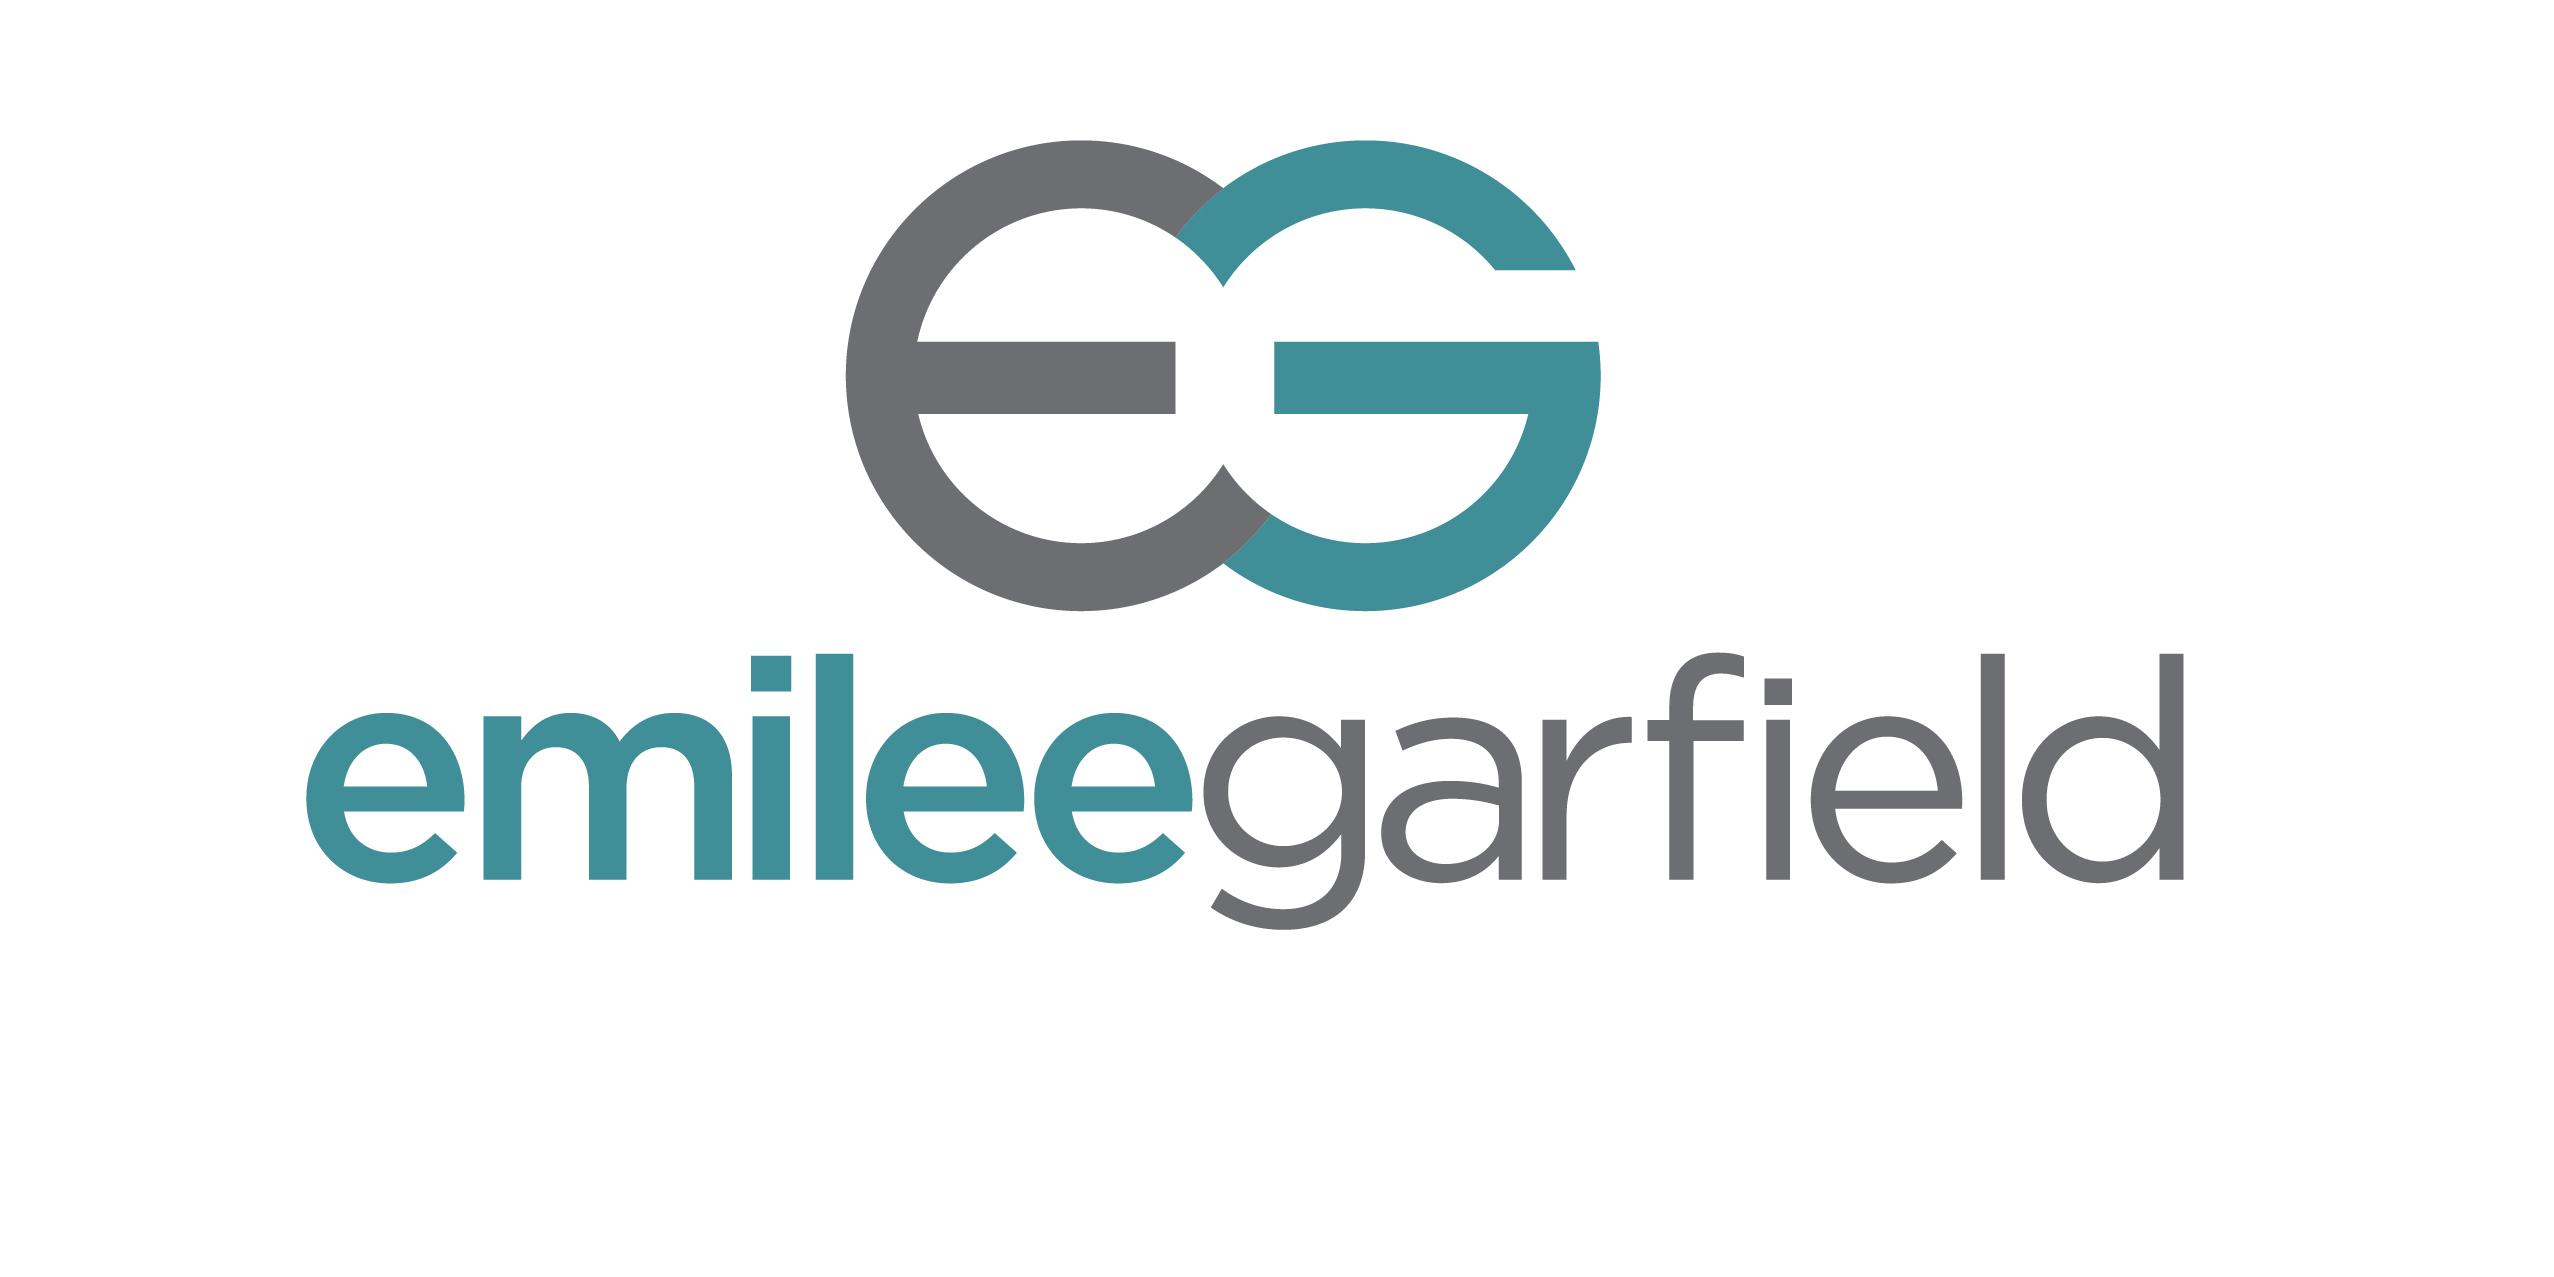 Emilee Garfield